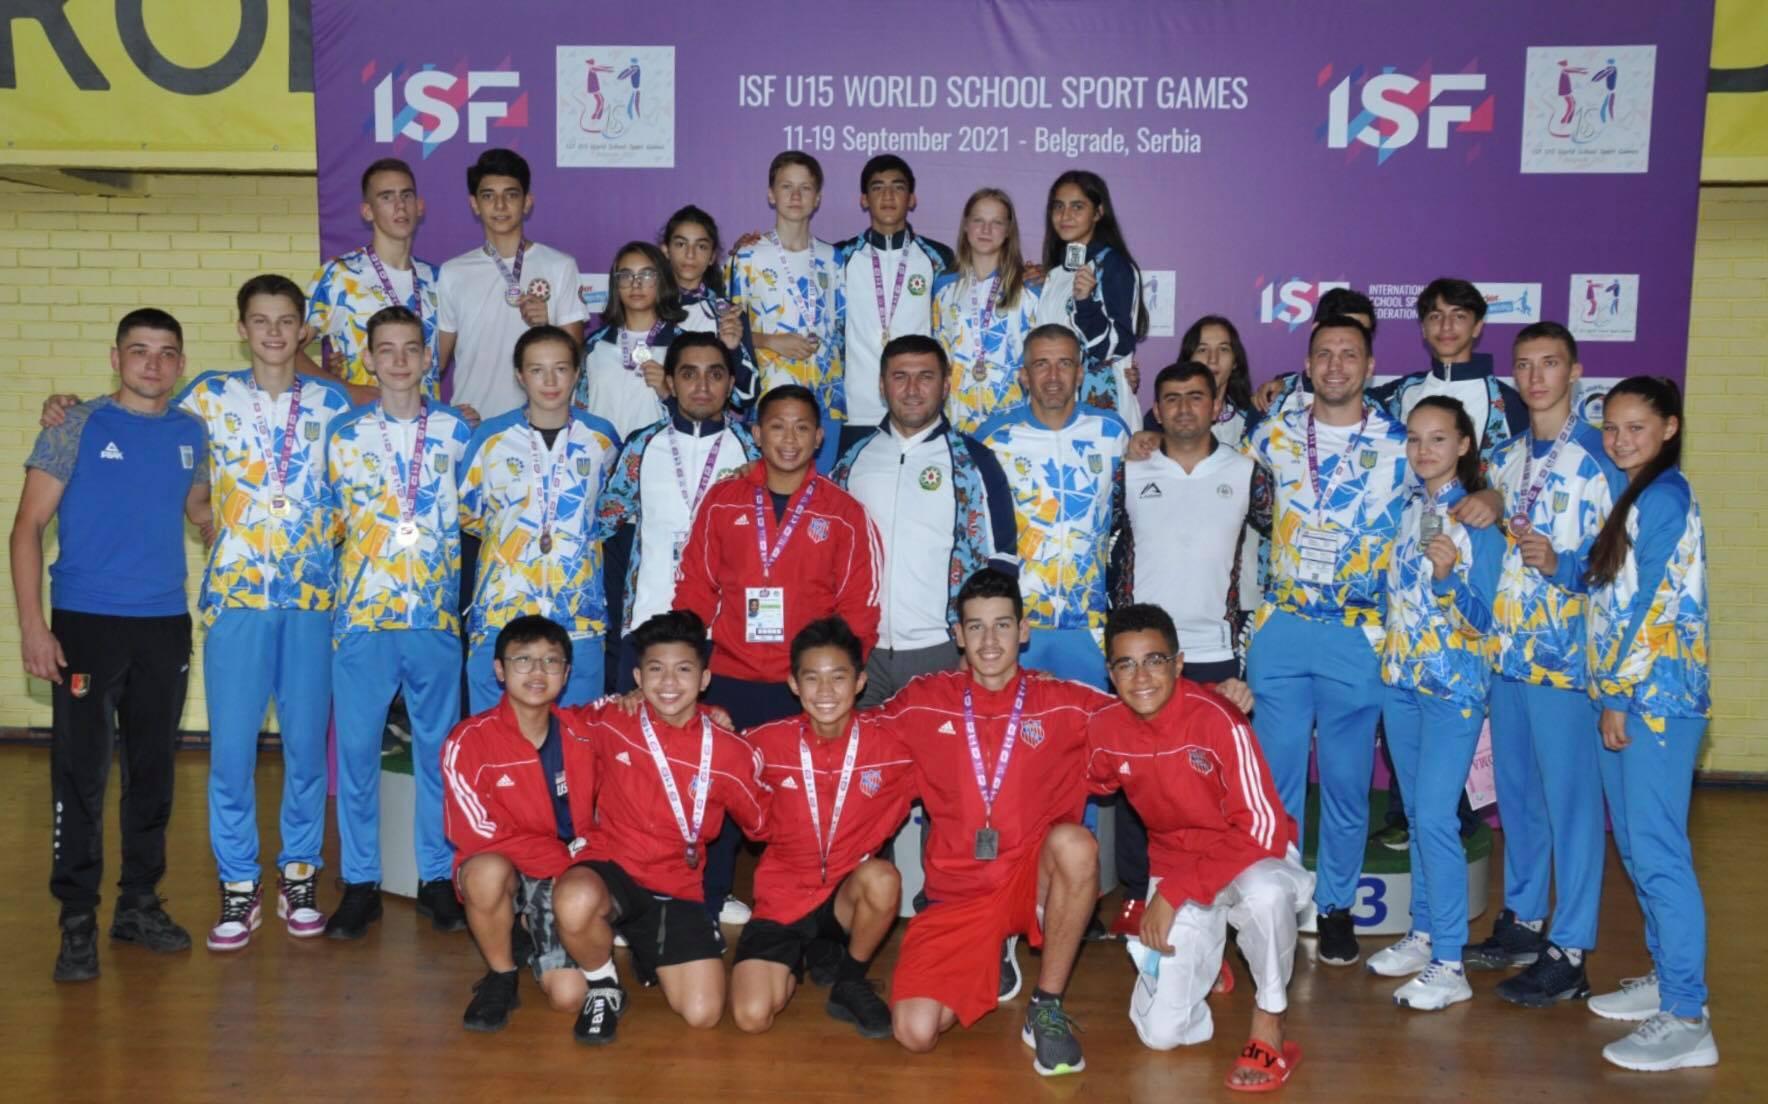 комітет з фізичного виховання та спорту МОН